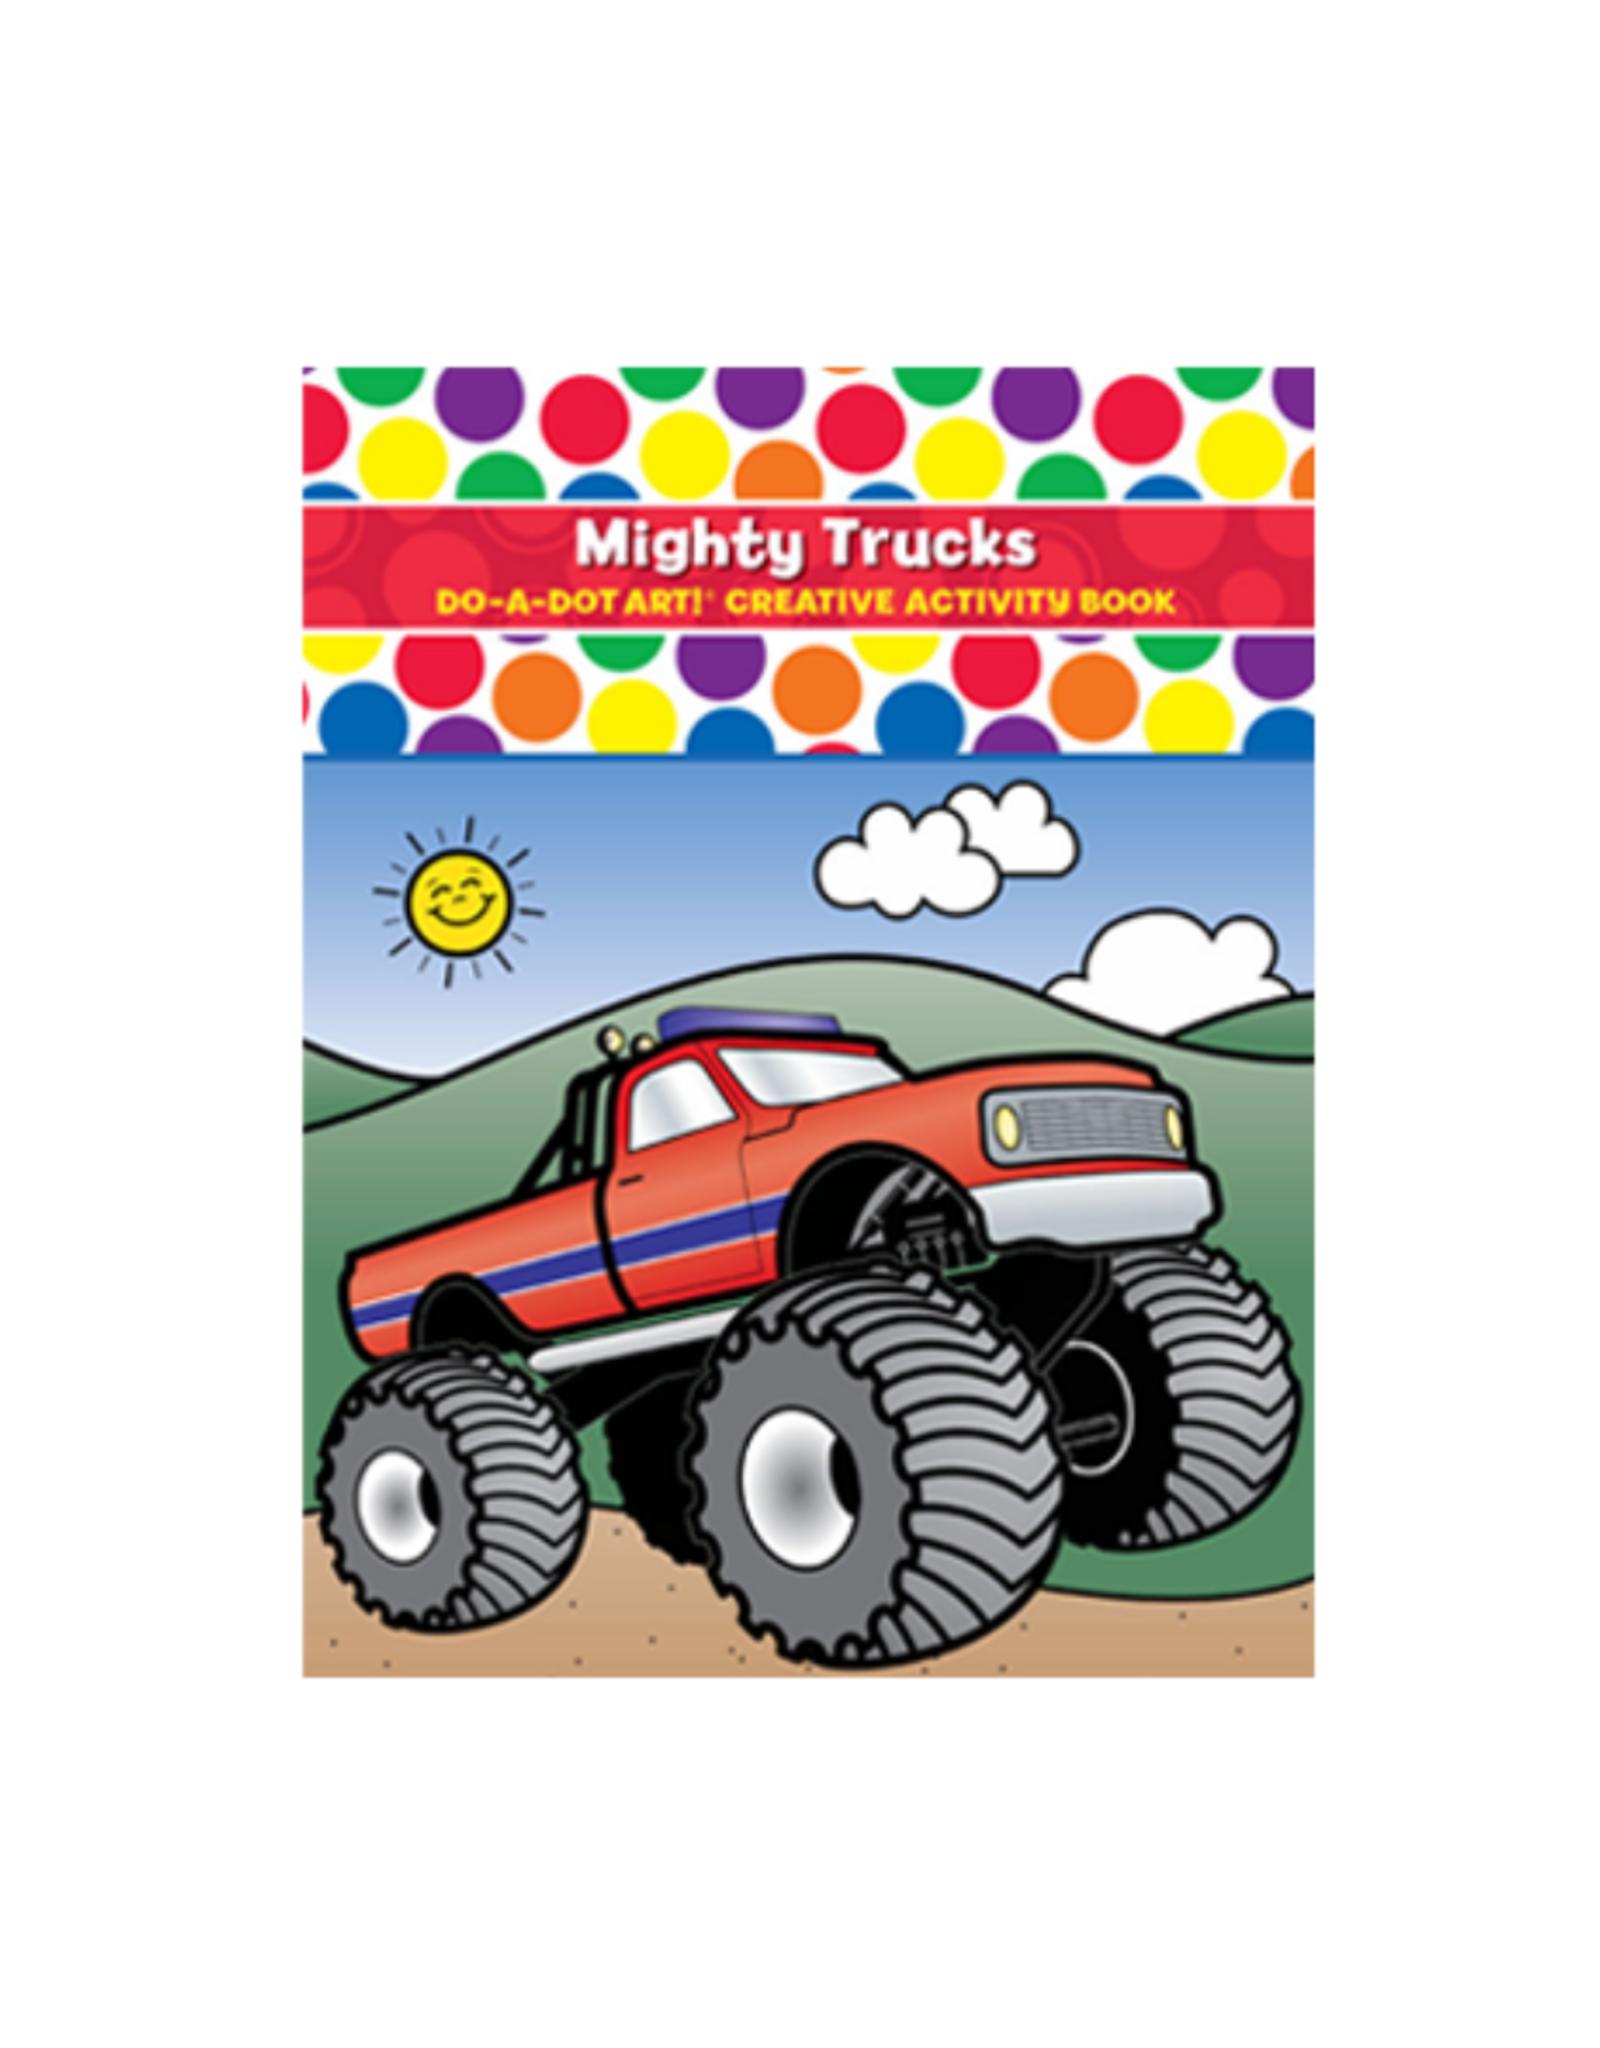 Do A Dot Art Do-A-Dot Book - Mighty Trucks!